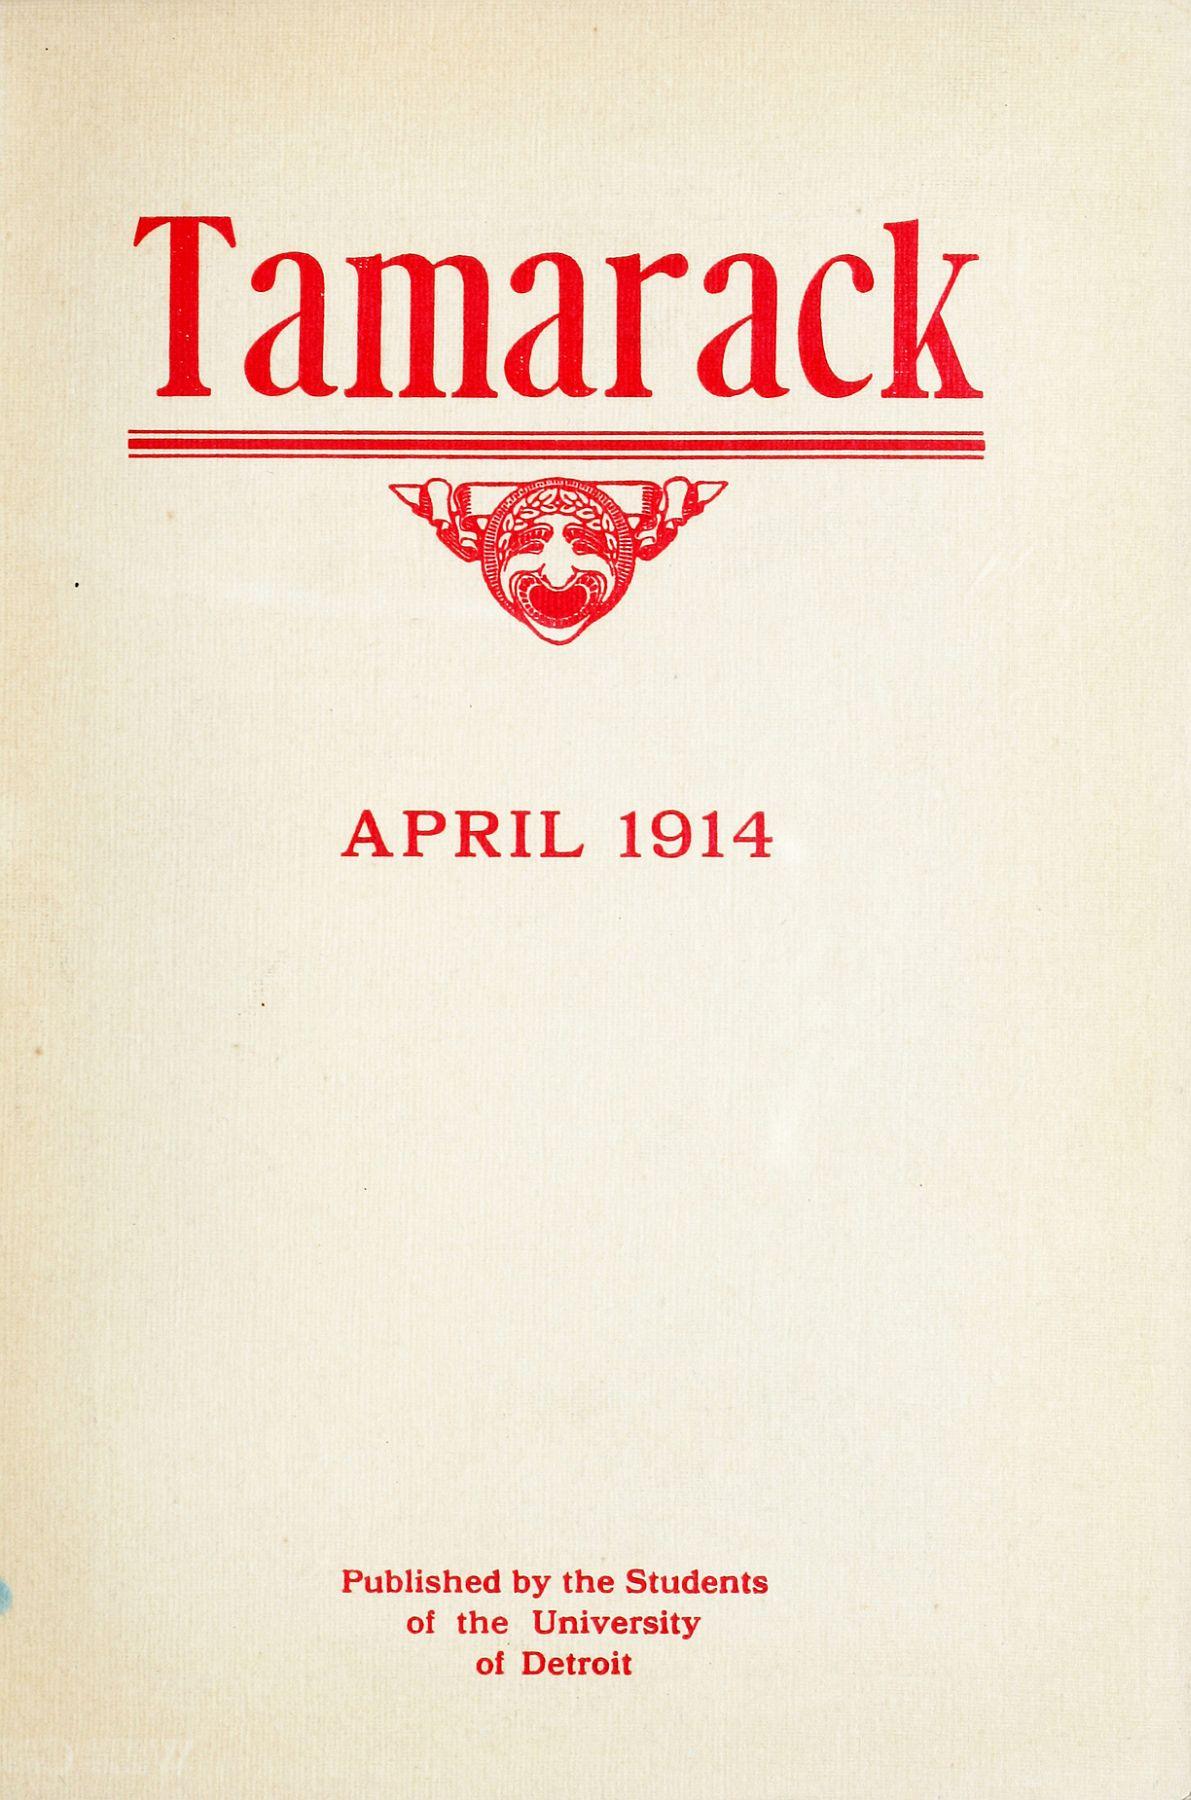 tam_1914-04_0001-2